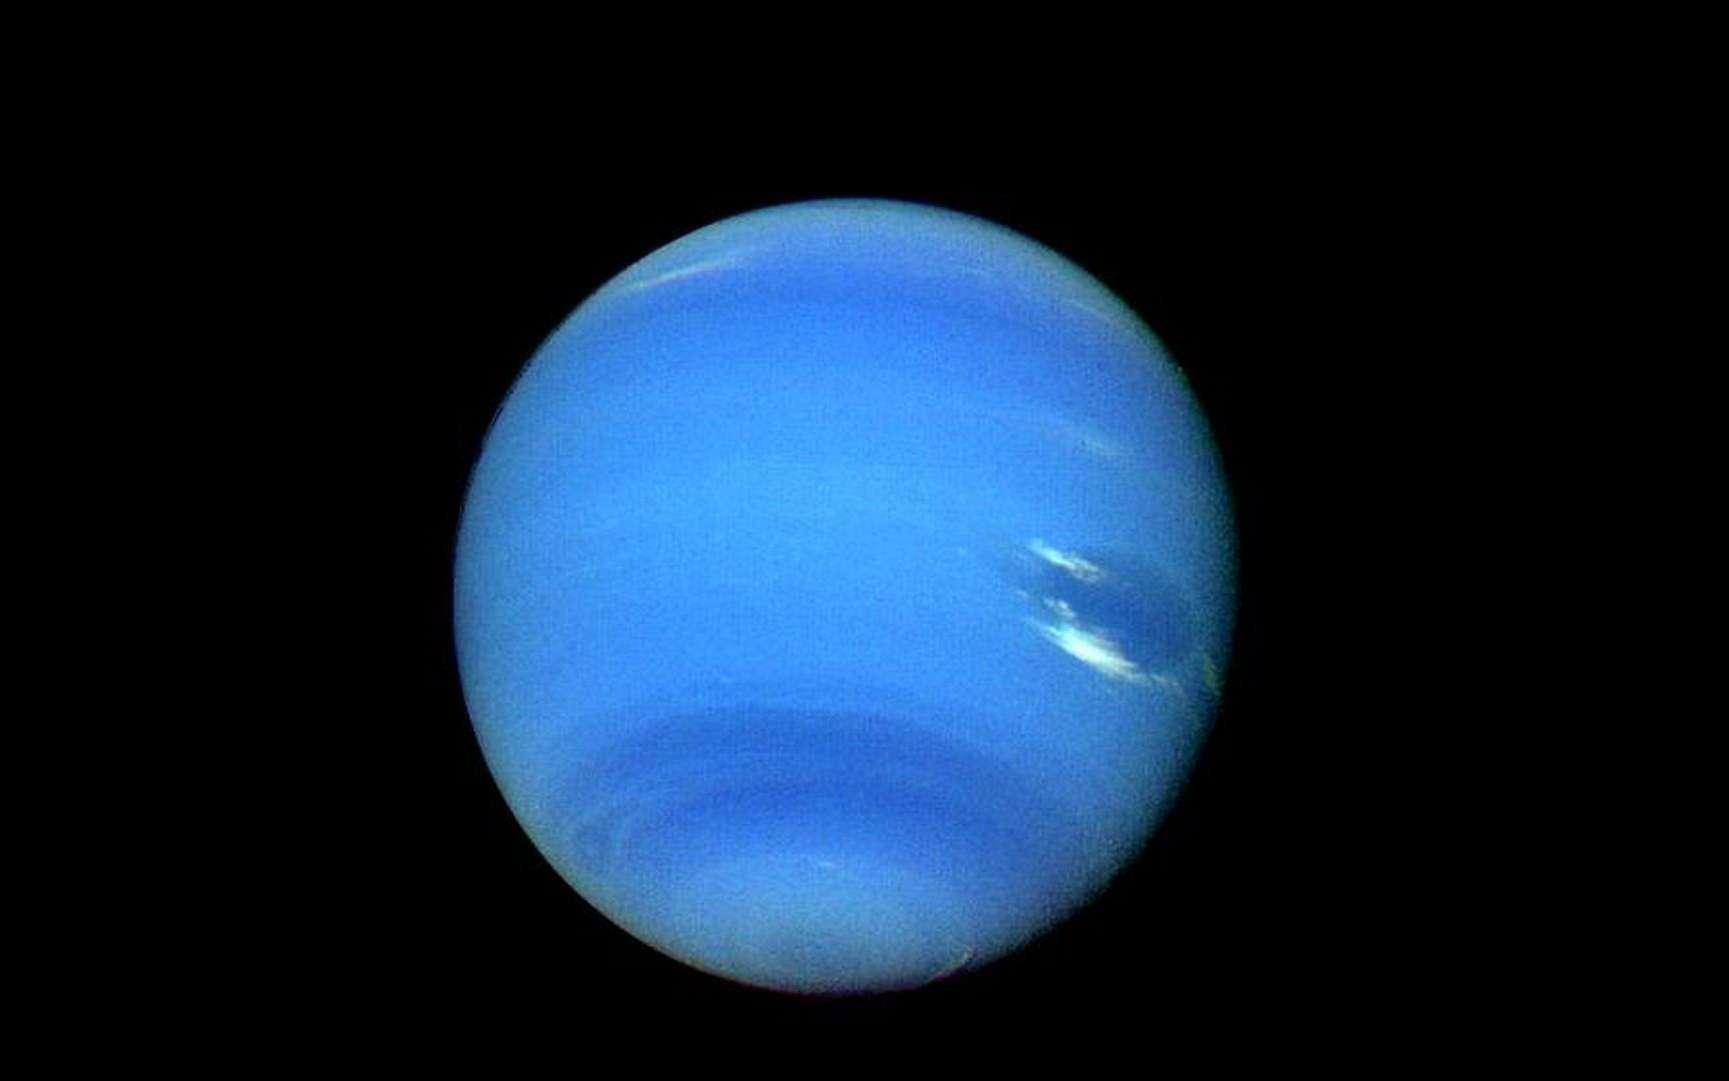 Alors que Voyager 2 approchait de Neptune, la résolution d'image en augmentation rapide révélait de nouveaux détails saisissants (image acquise le 14 août 1989). © Nasa, JPL